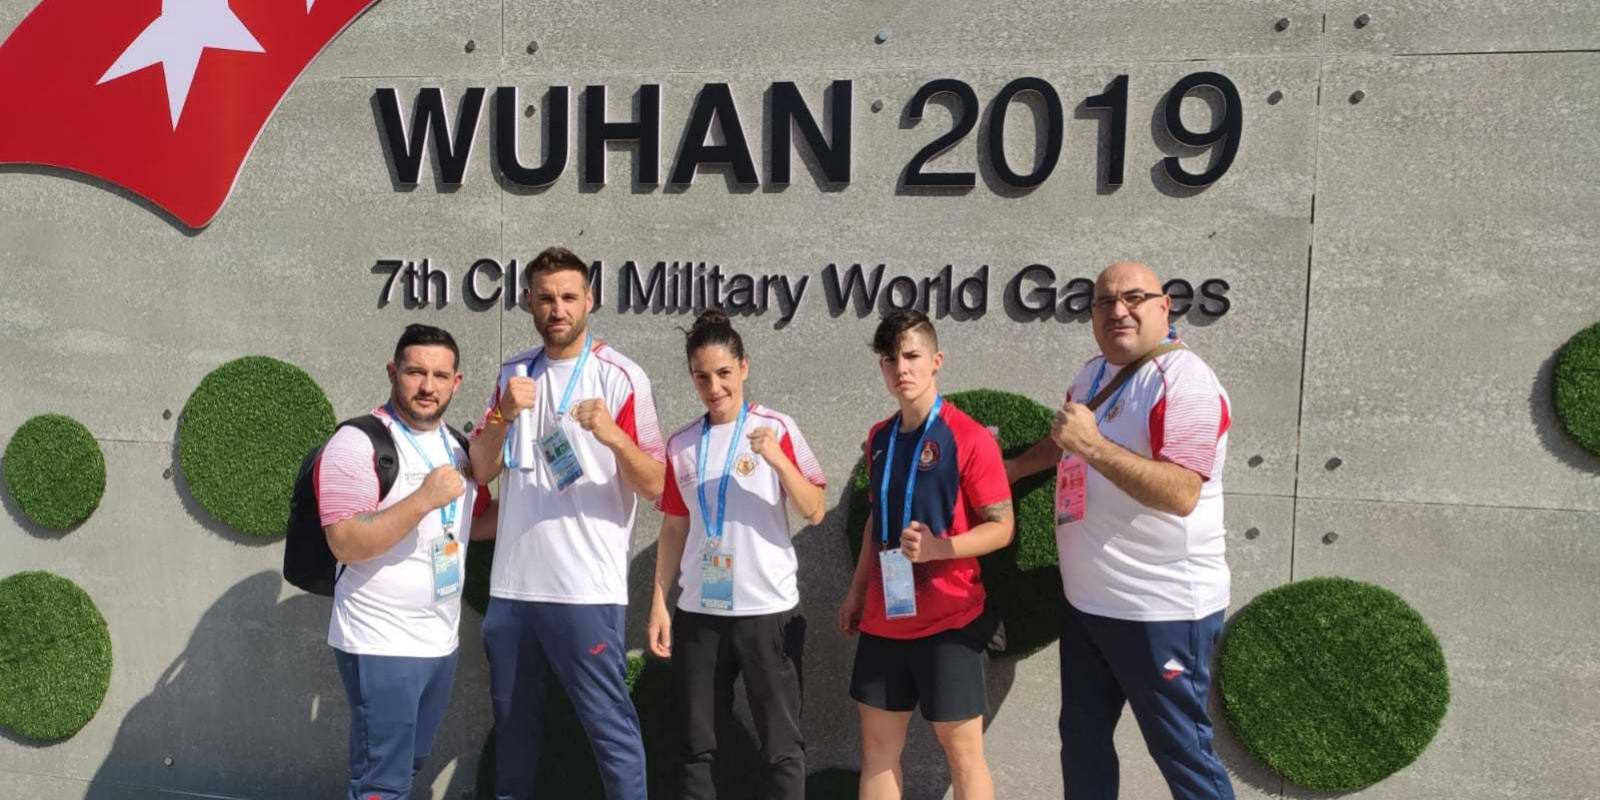 Equipo de Boxeo con su capitán (dcha.) Pedro Retuerto, en los Juegos Militares de Wuhan.